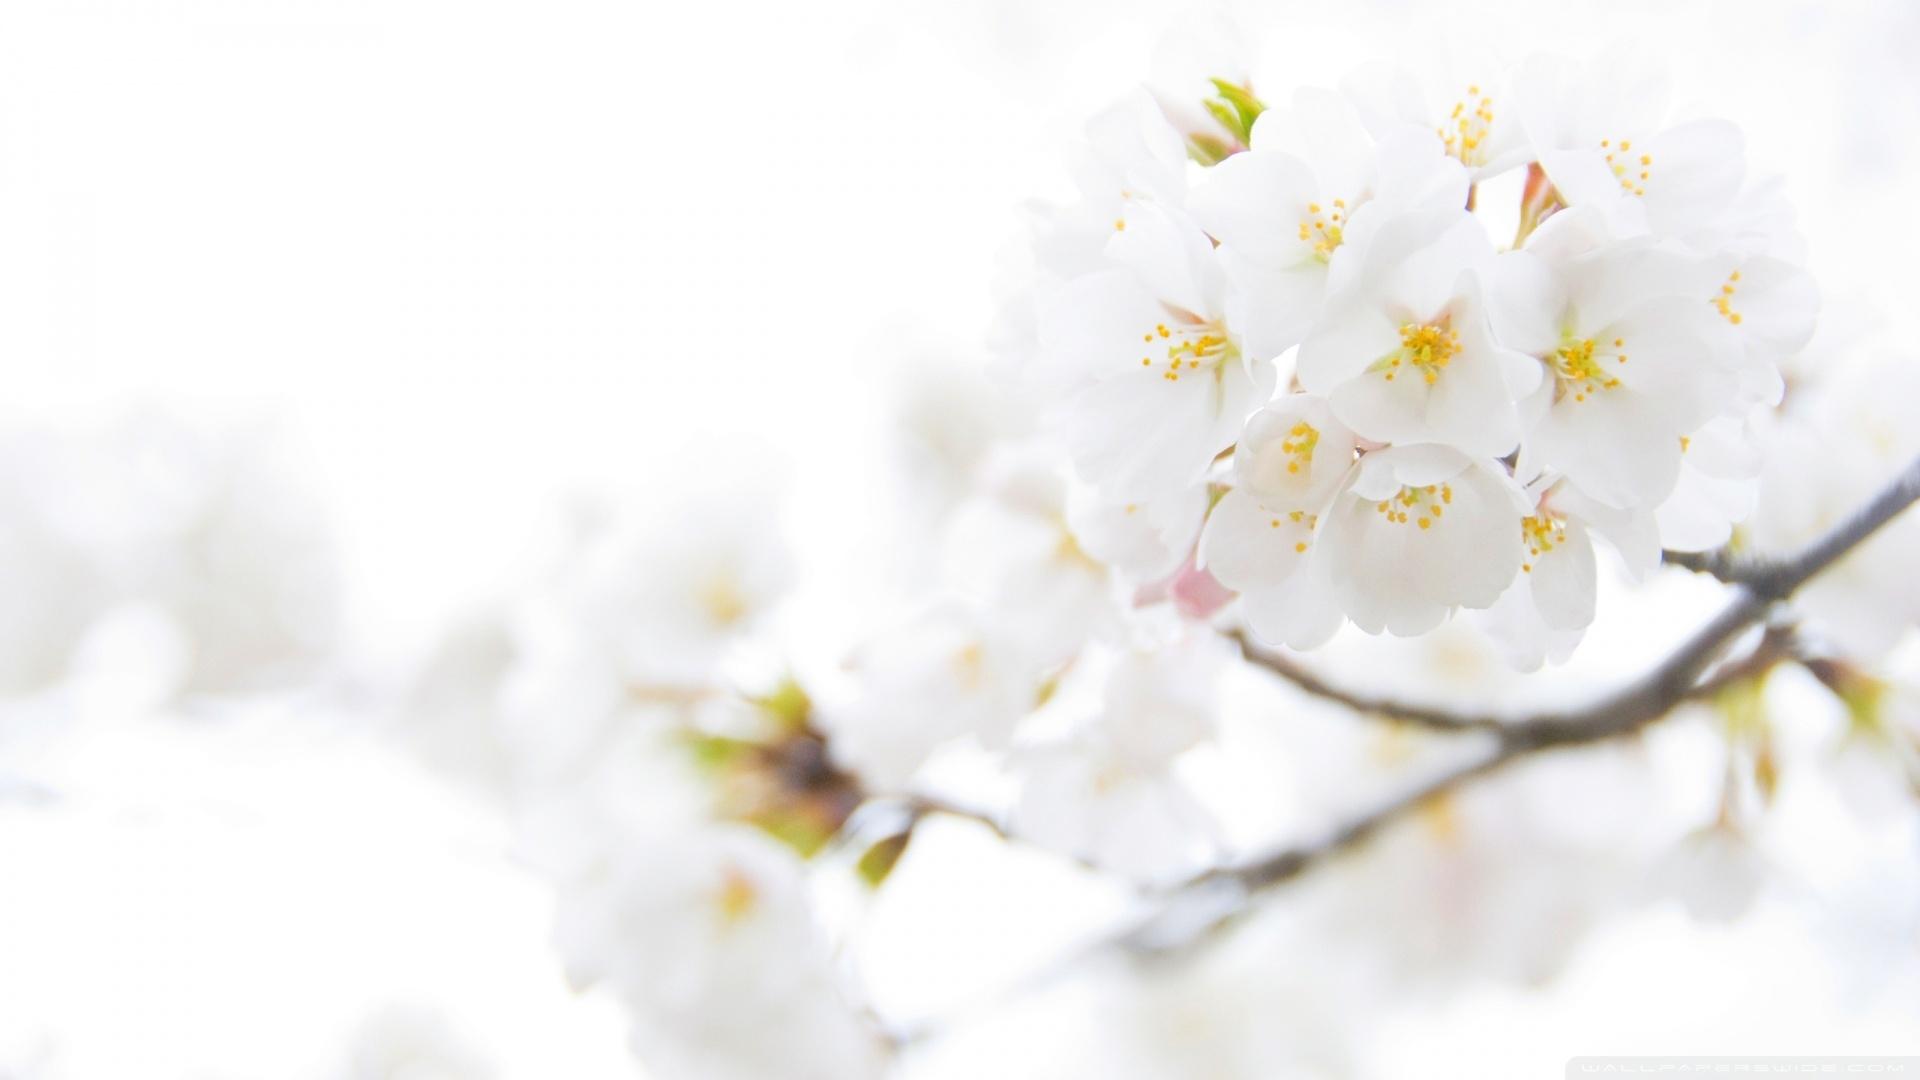 Lovely White Flowers Wallpaper